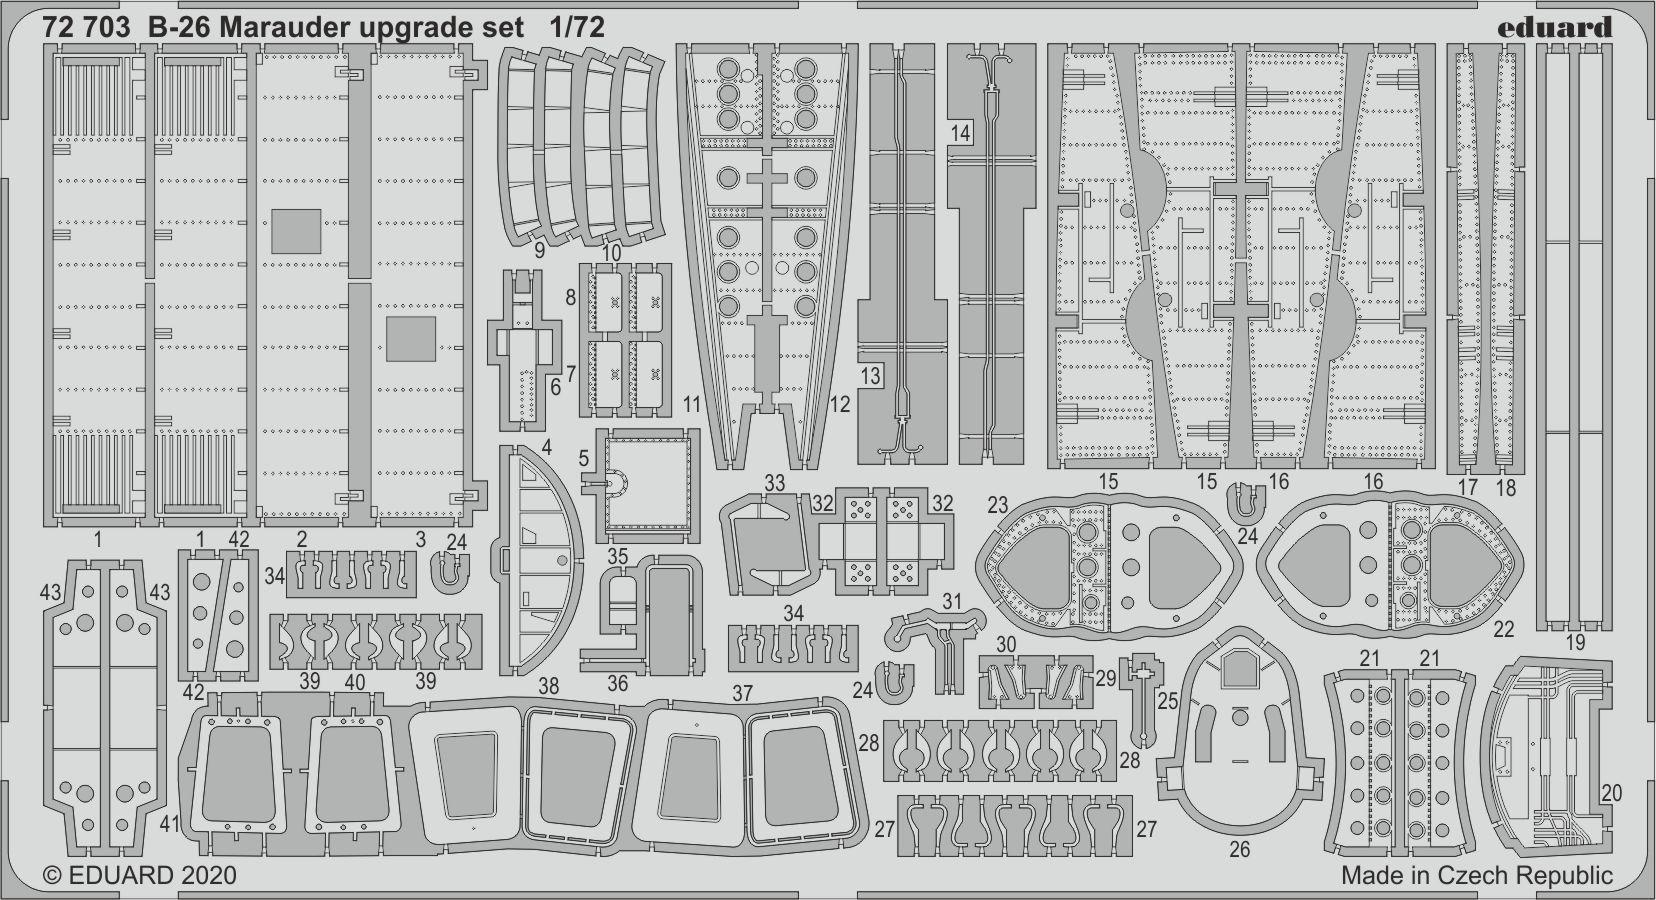 EDUARD 72703 Upgrade Set for Eduard Kit B-26 Marauder in 1:72